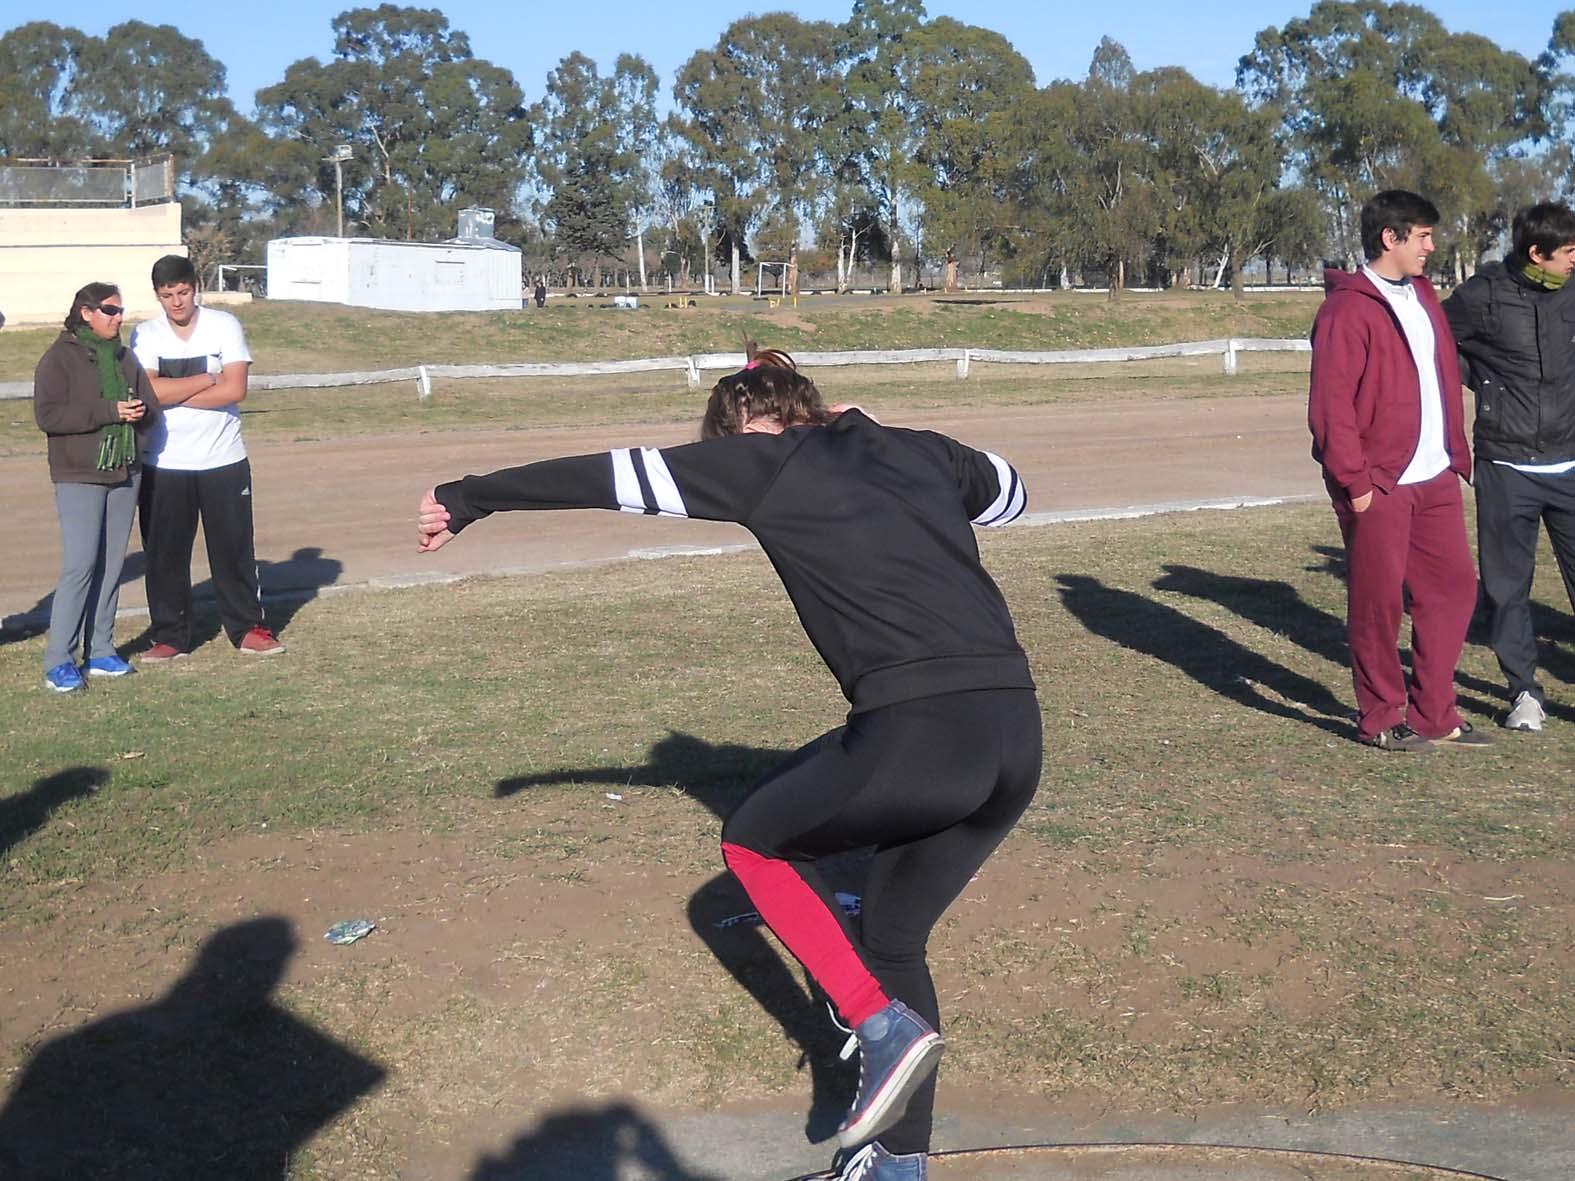 Juegos BA - atletismo distrital - junio 2015 (6)